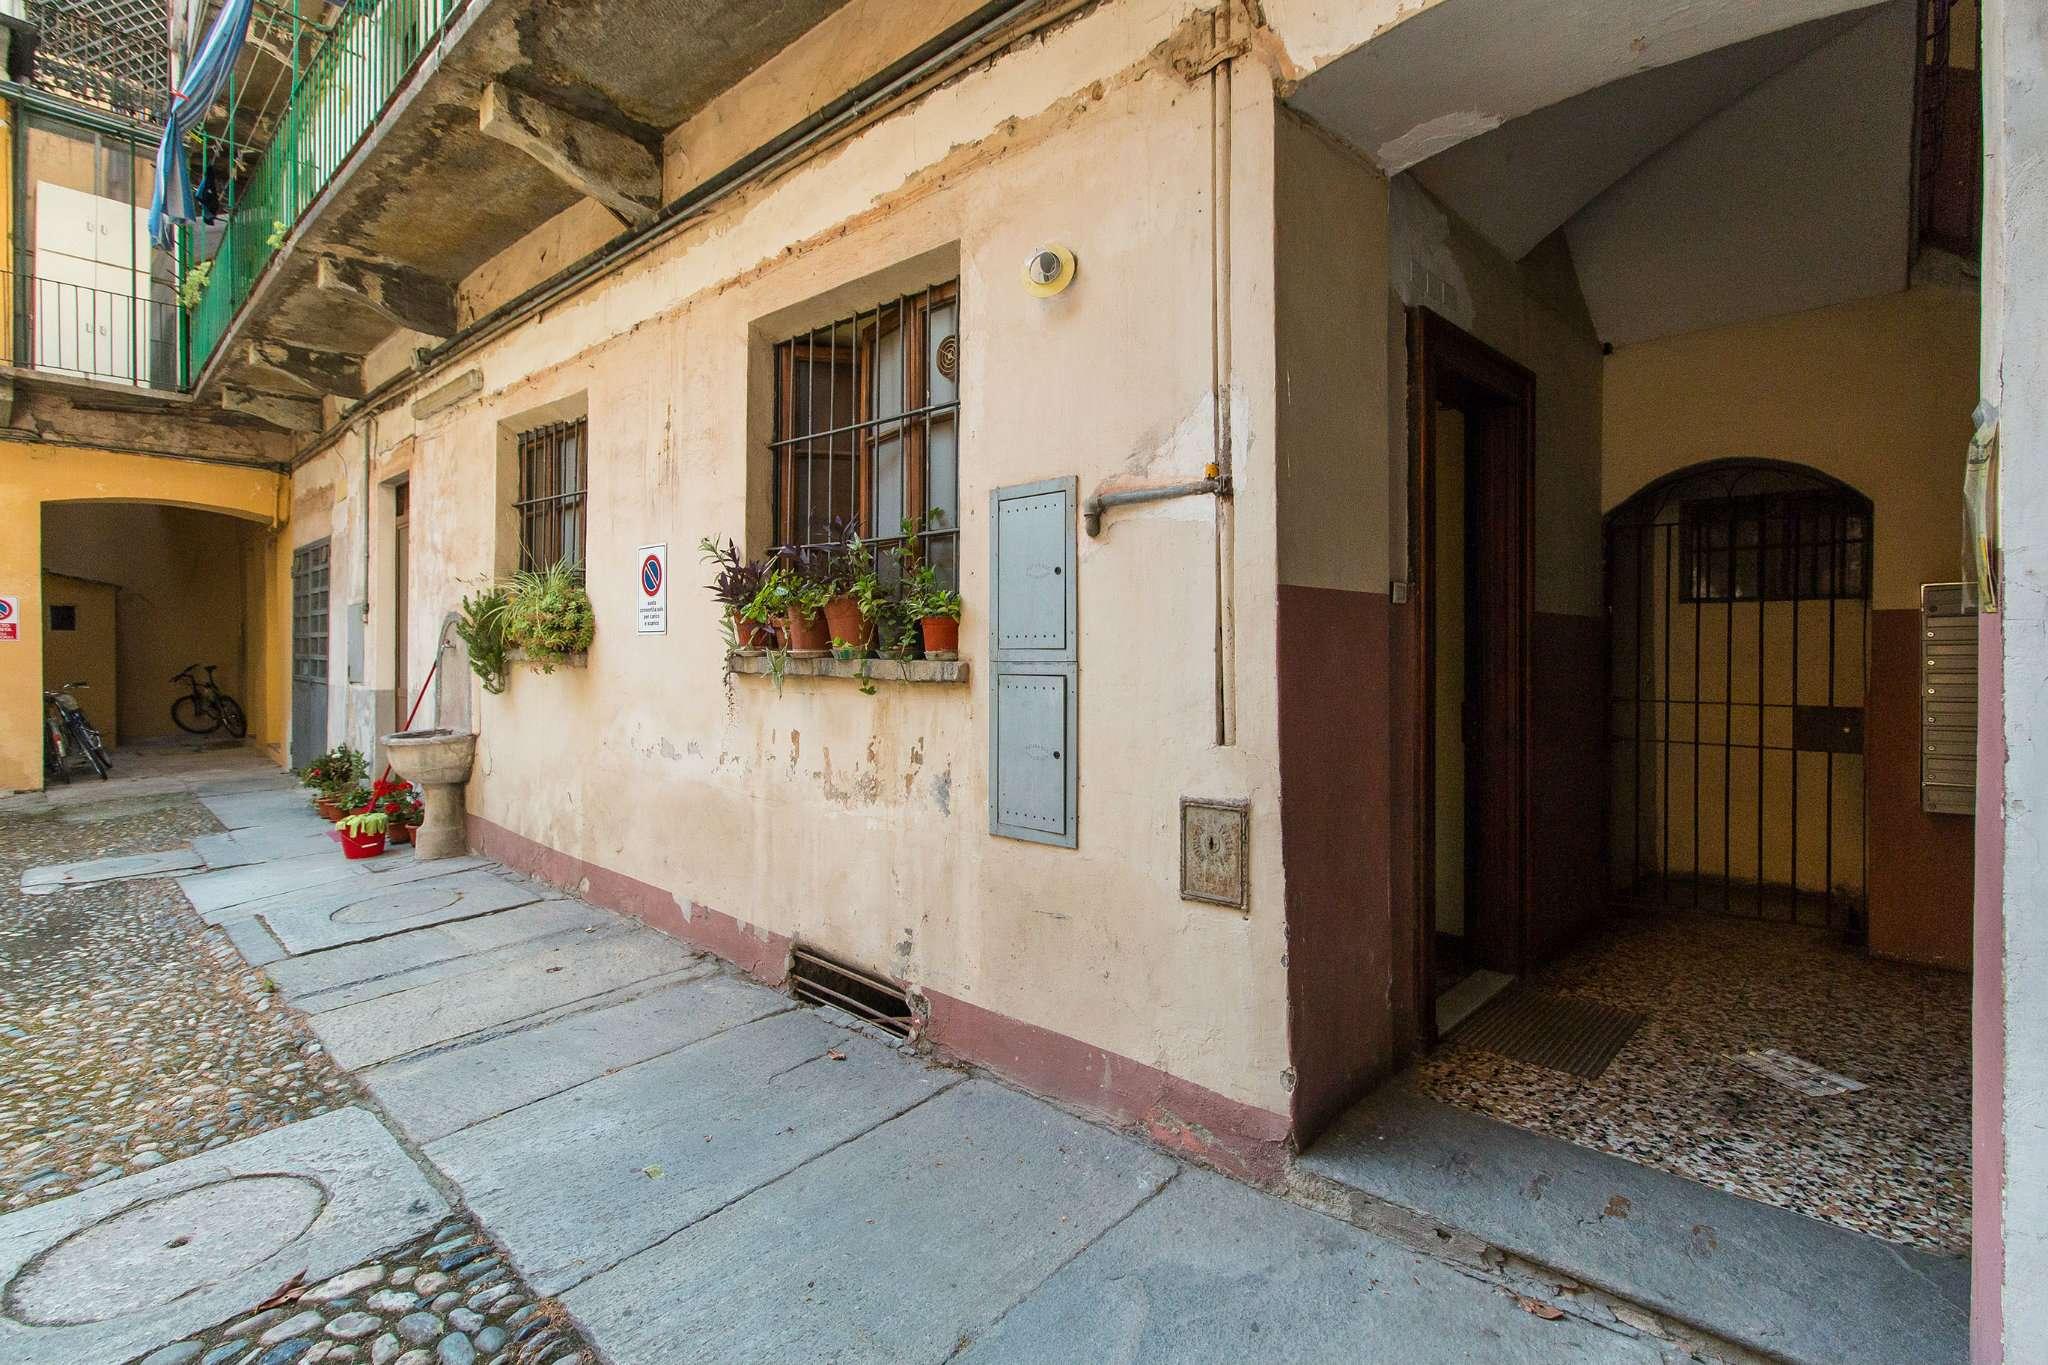 Foto 3 di Bilocale via lombroso 24, Torino (zona San Salvario)